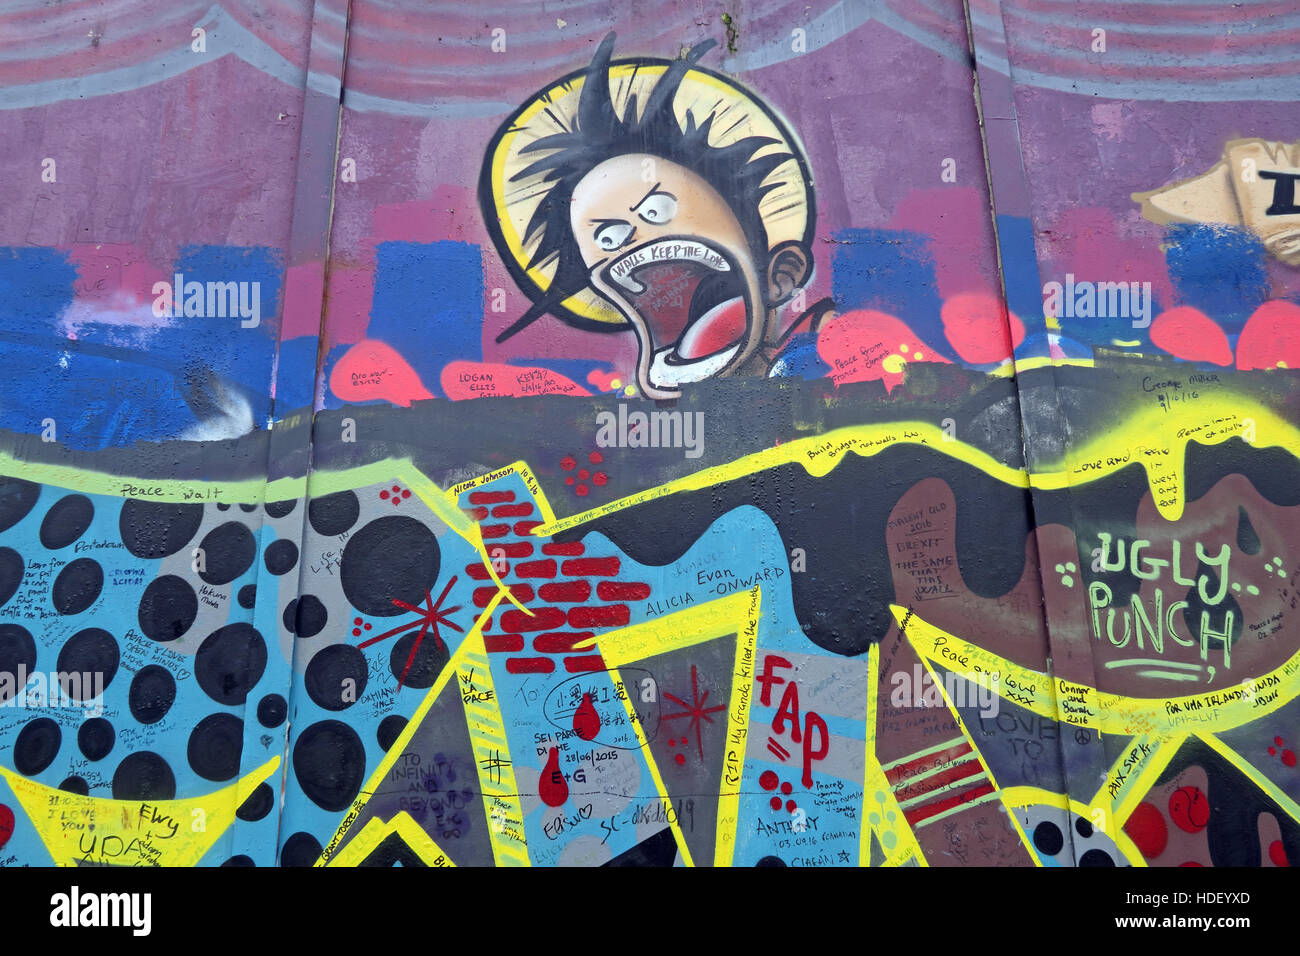 Laden Sie dieses Alamy Stockfoto Gesicht auf internationalen Frieden Wand, Cupar Weg, West Belfast, Nordirland, Vereinigtes Königreich - HDEYXD